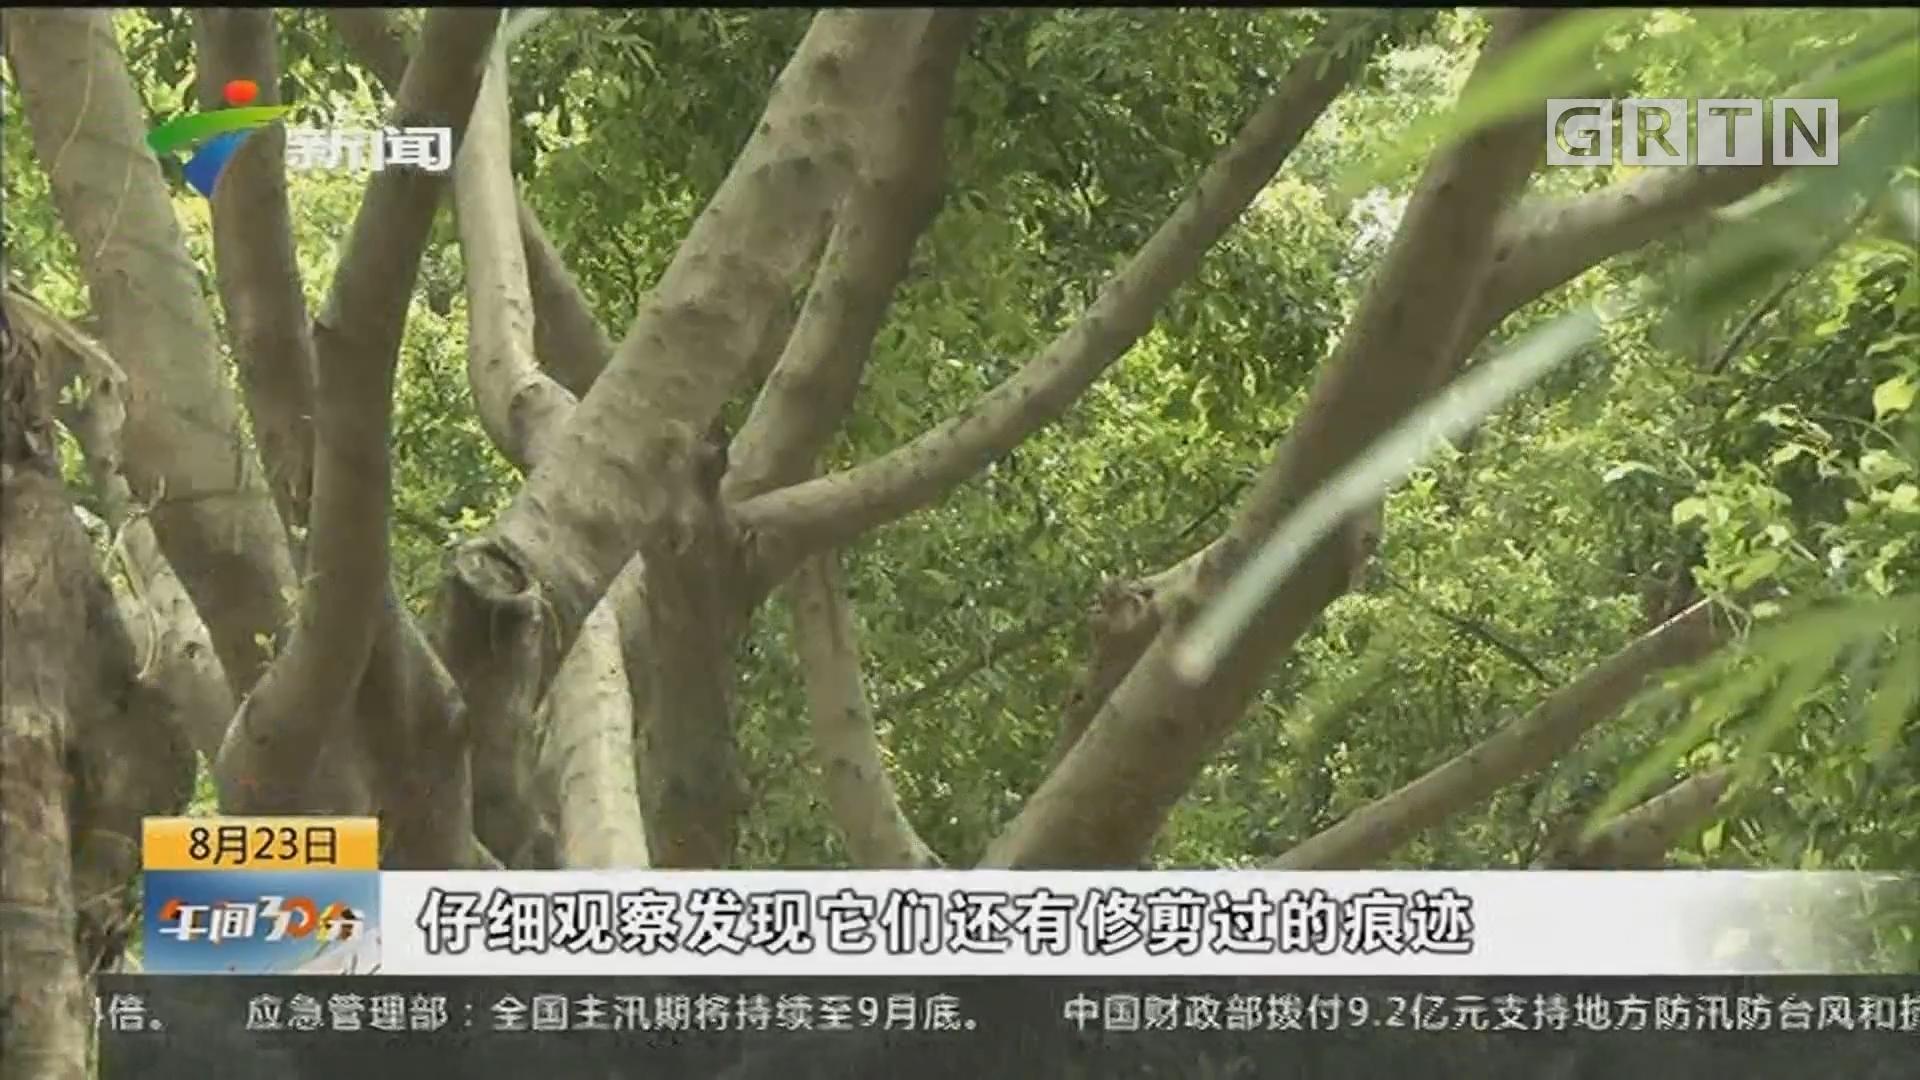 记者调查 广州:天河翰景路定期修剪树冠良好 街坊点赞